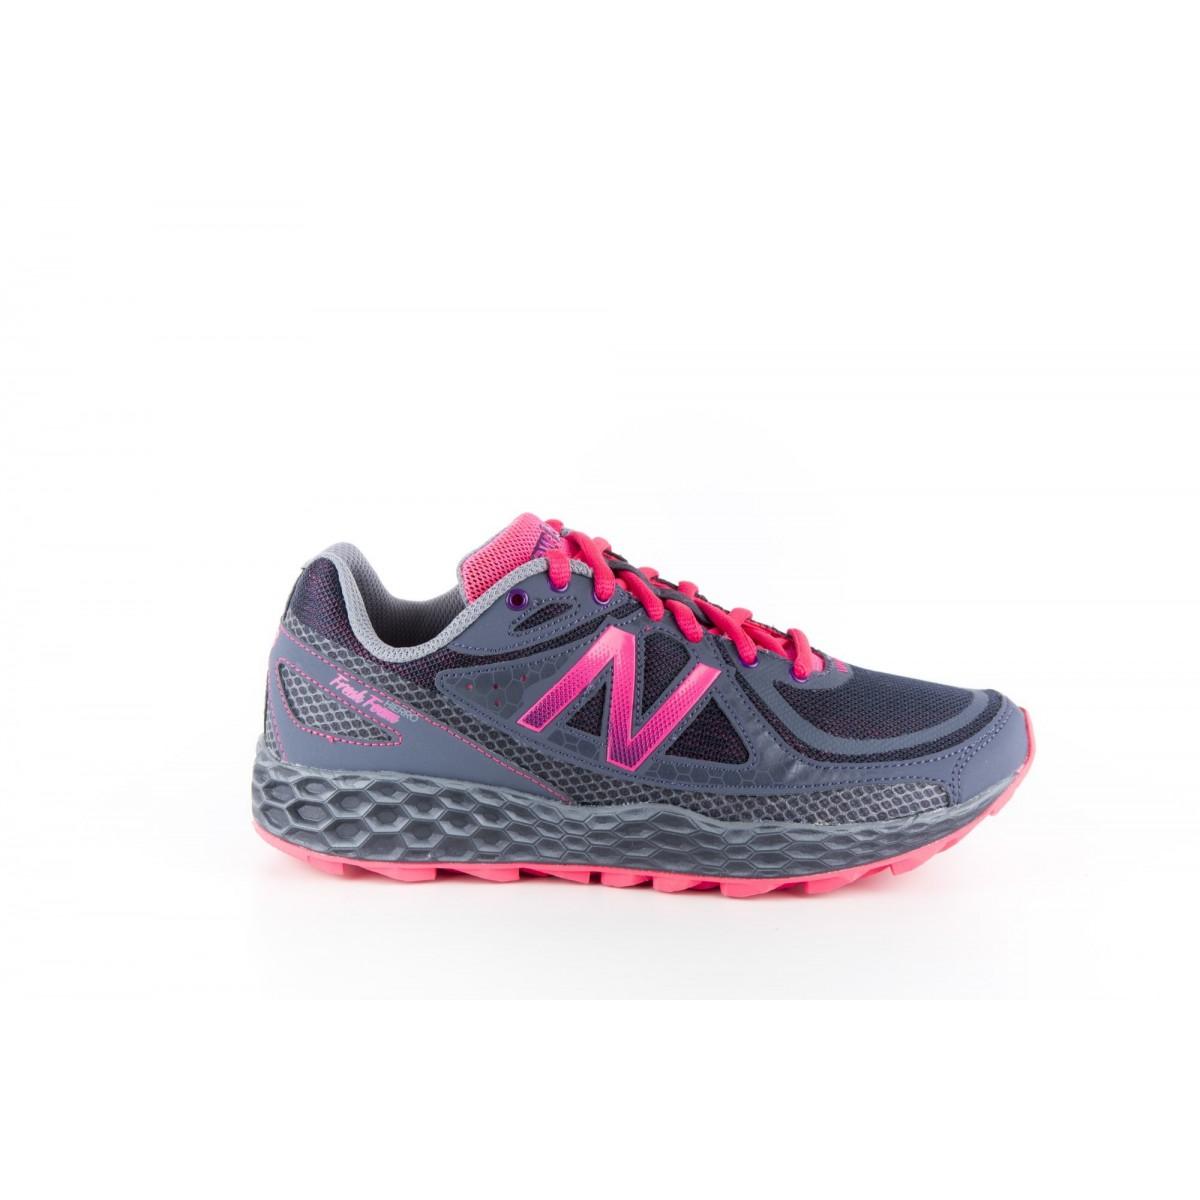 Shoes New Balance - Wthier Running Fashion Fondo Trail